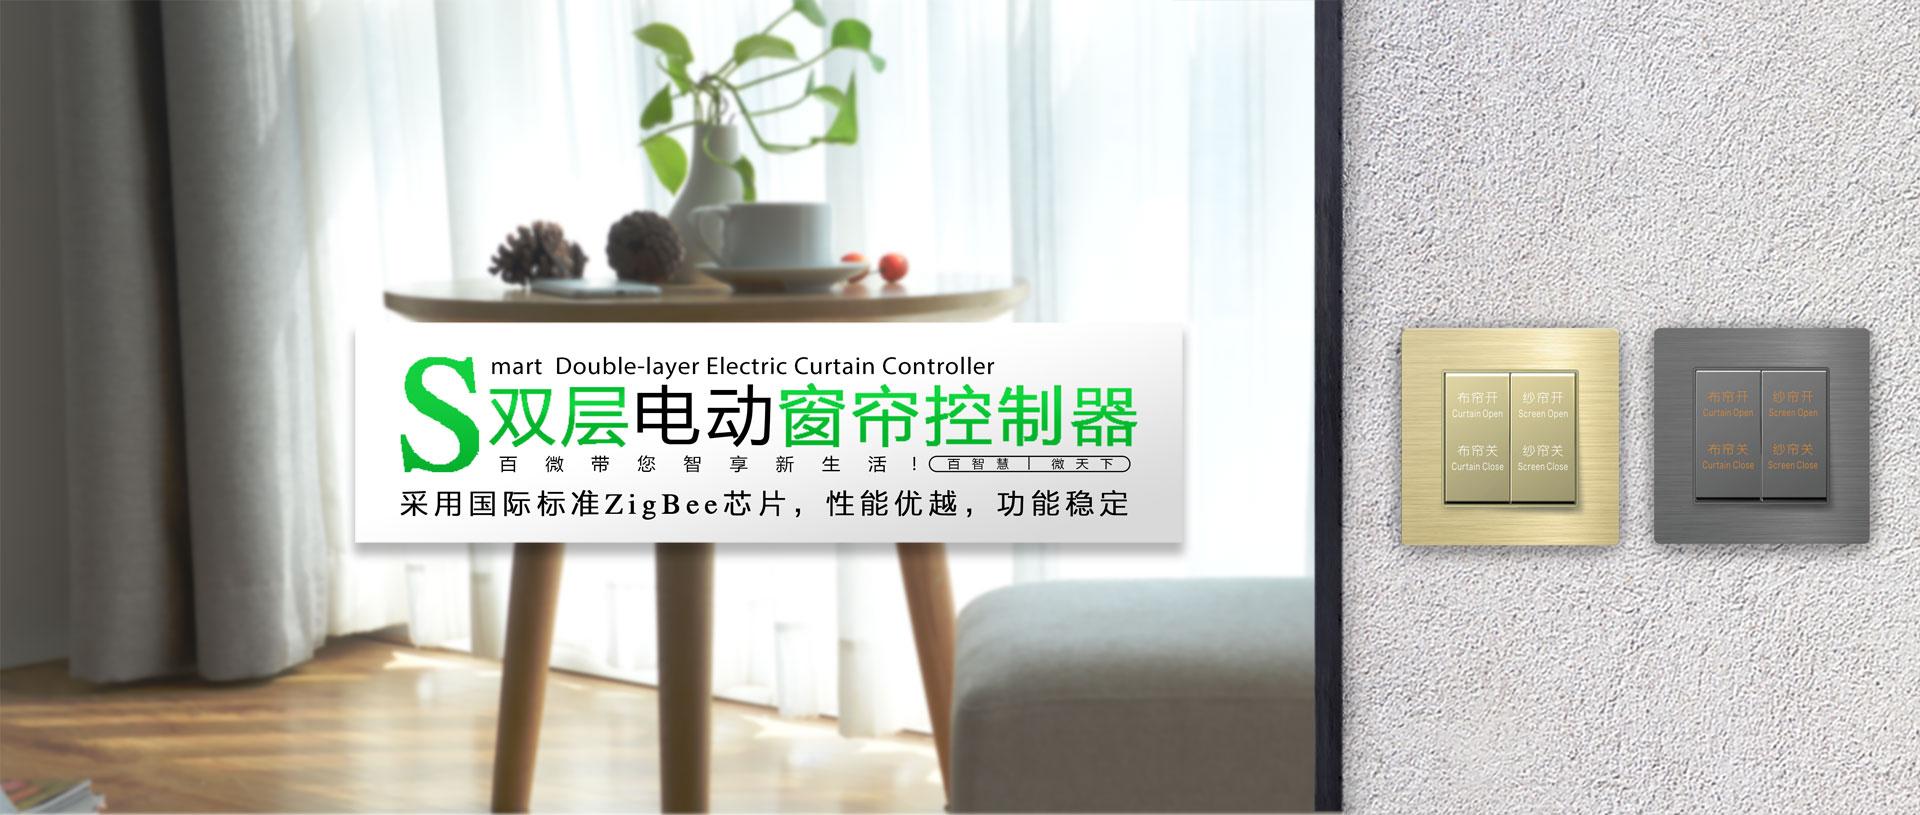 风尚系列双层电动窗帘控制器